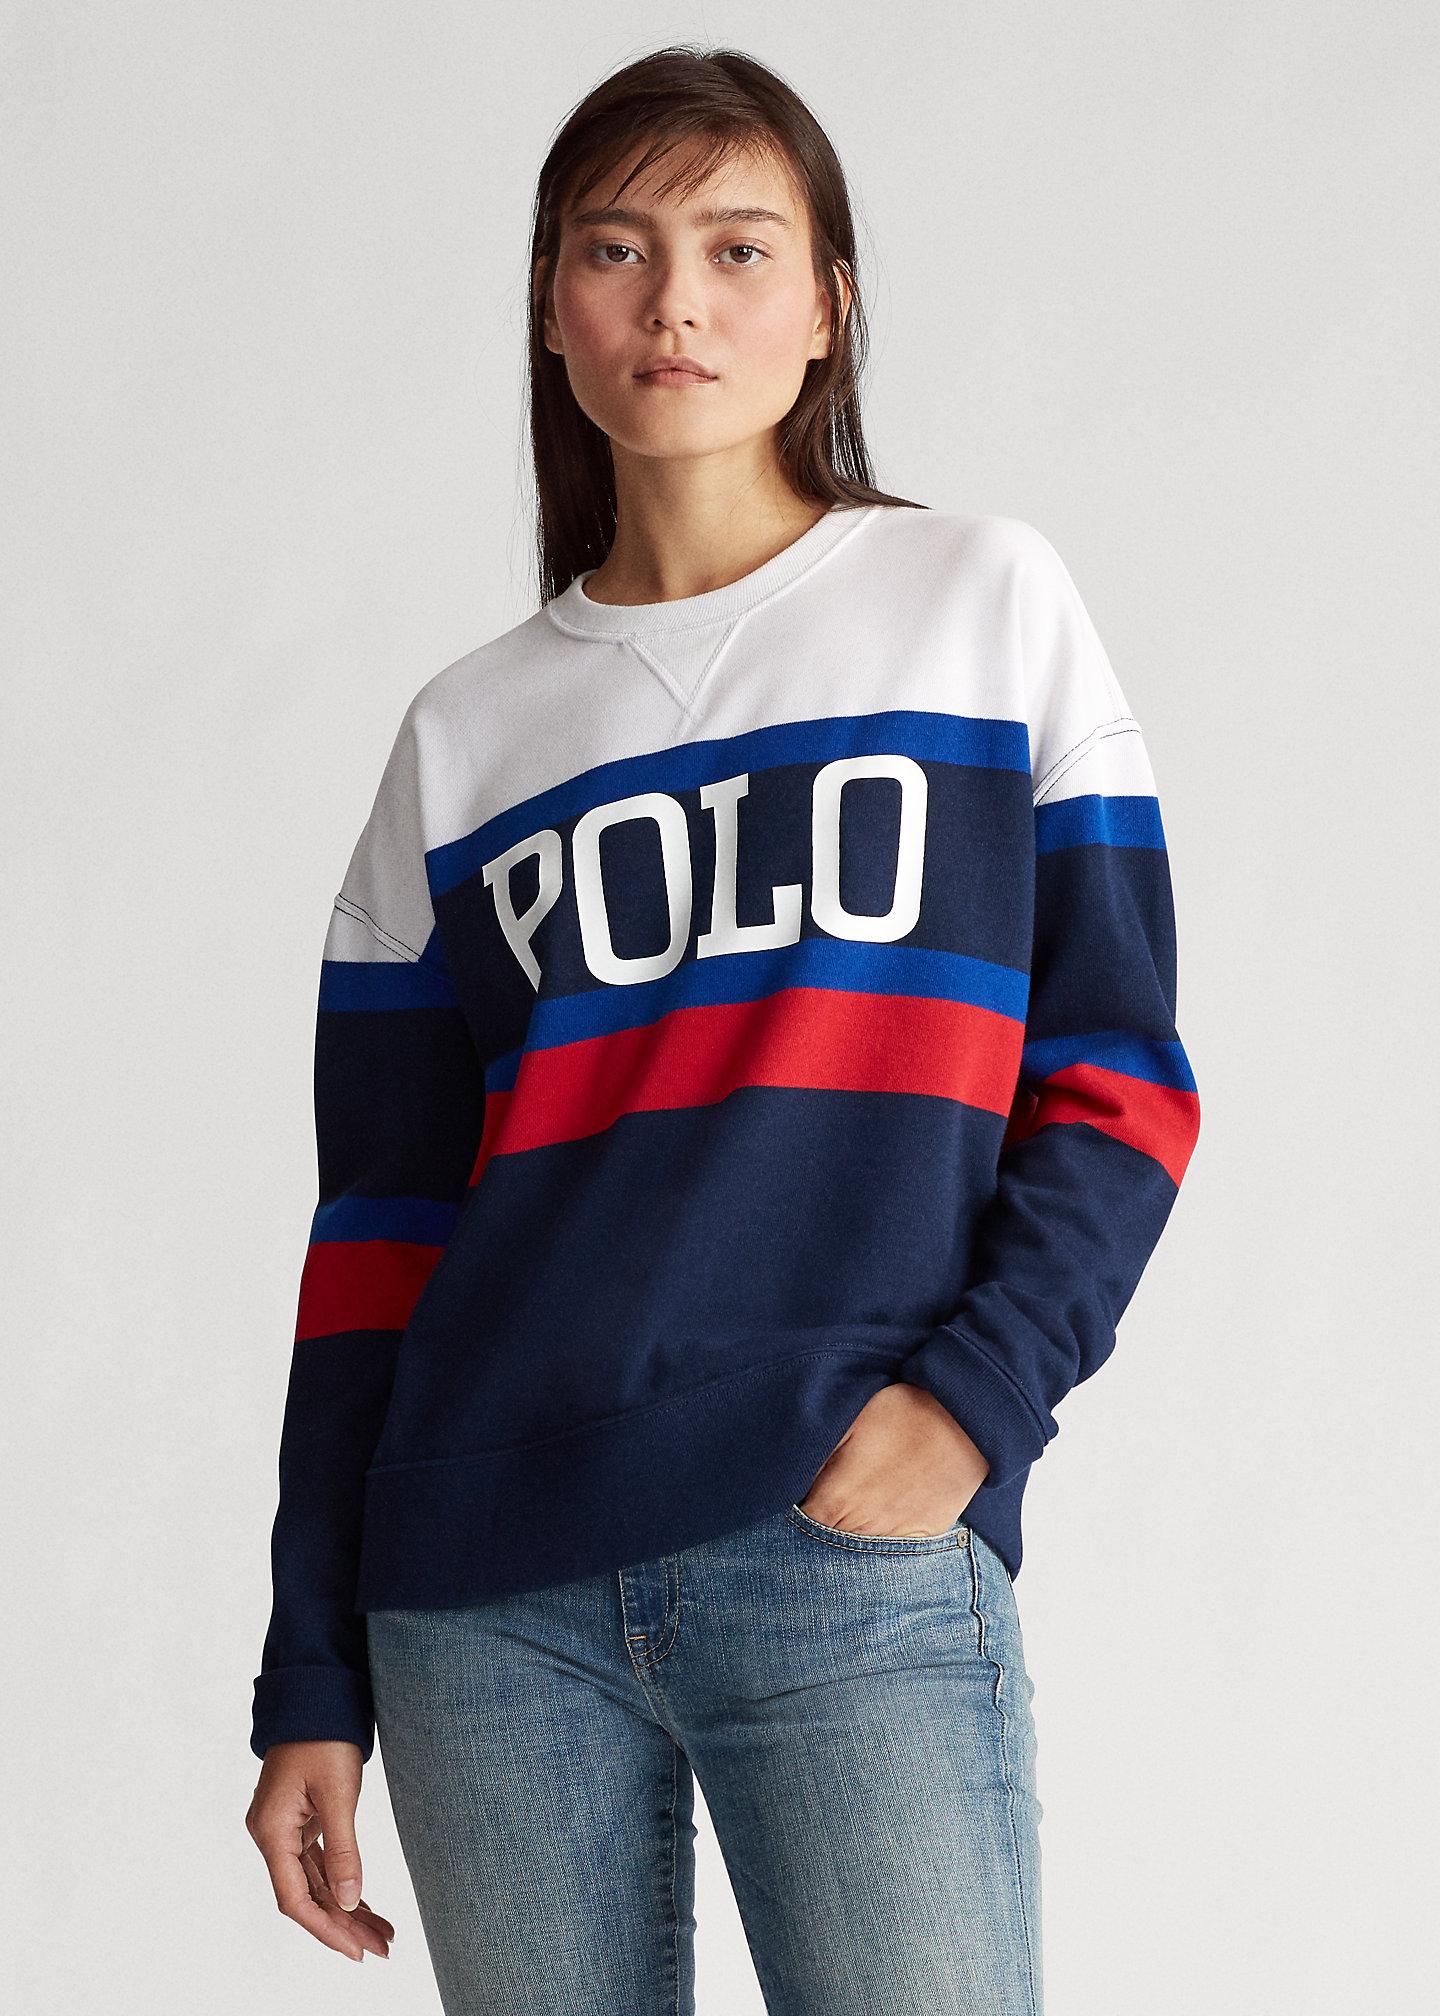 POLO by Ralph Lauren Women's Fleece Crewneck Sweater was £159.99 NOW £24.99 + £9.95 Delivery @ Ralph Lauren Shop